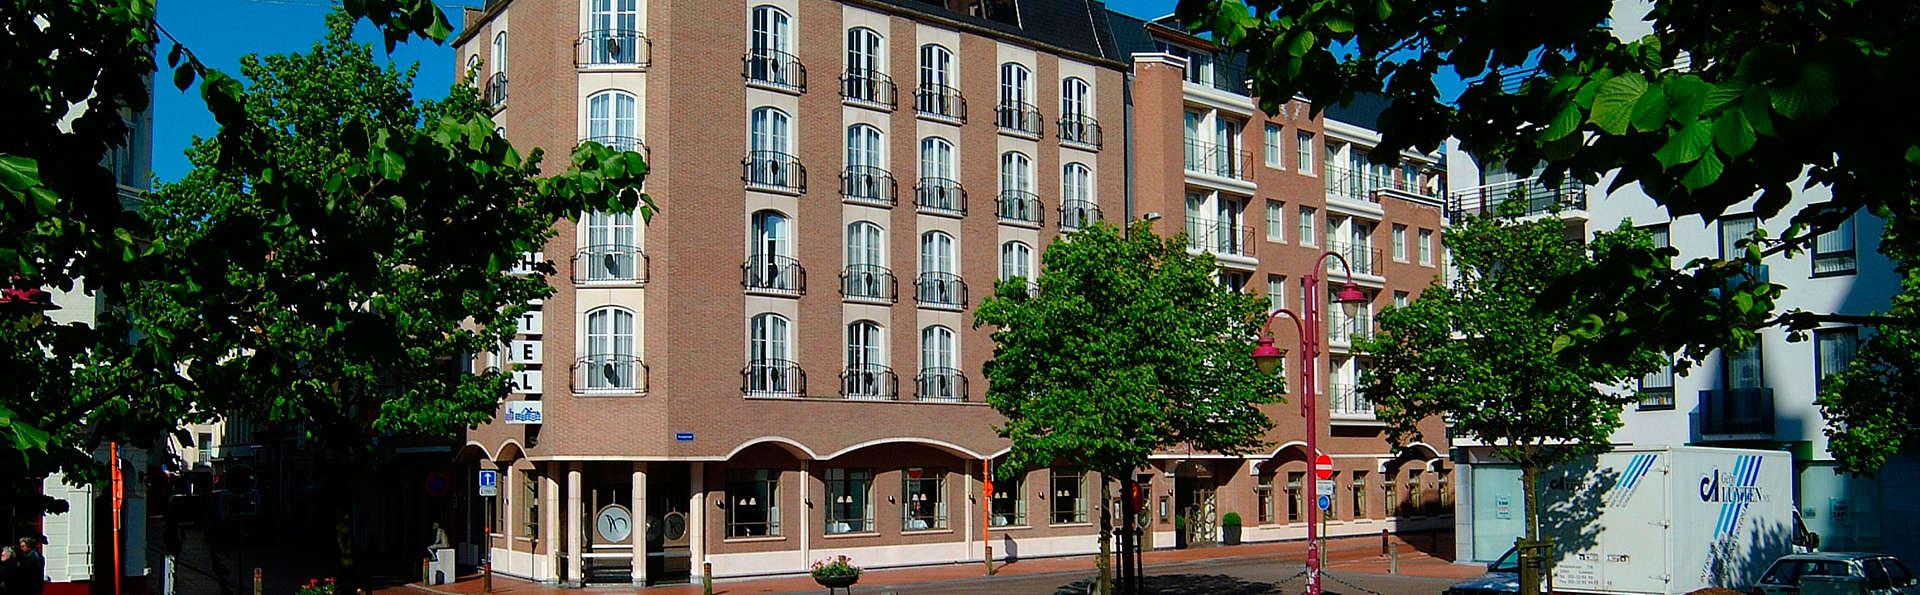 Hotel Aazaert - EDIT_front.jpg